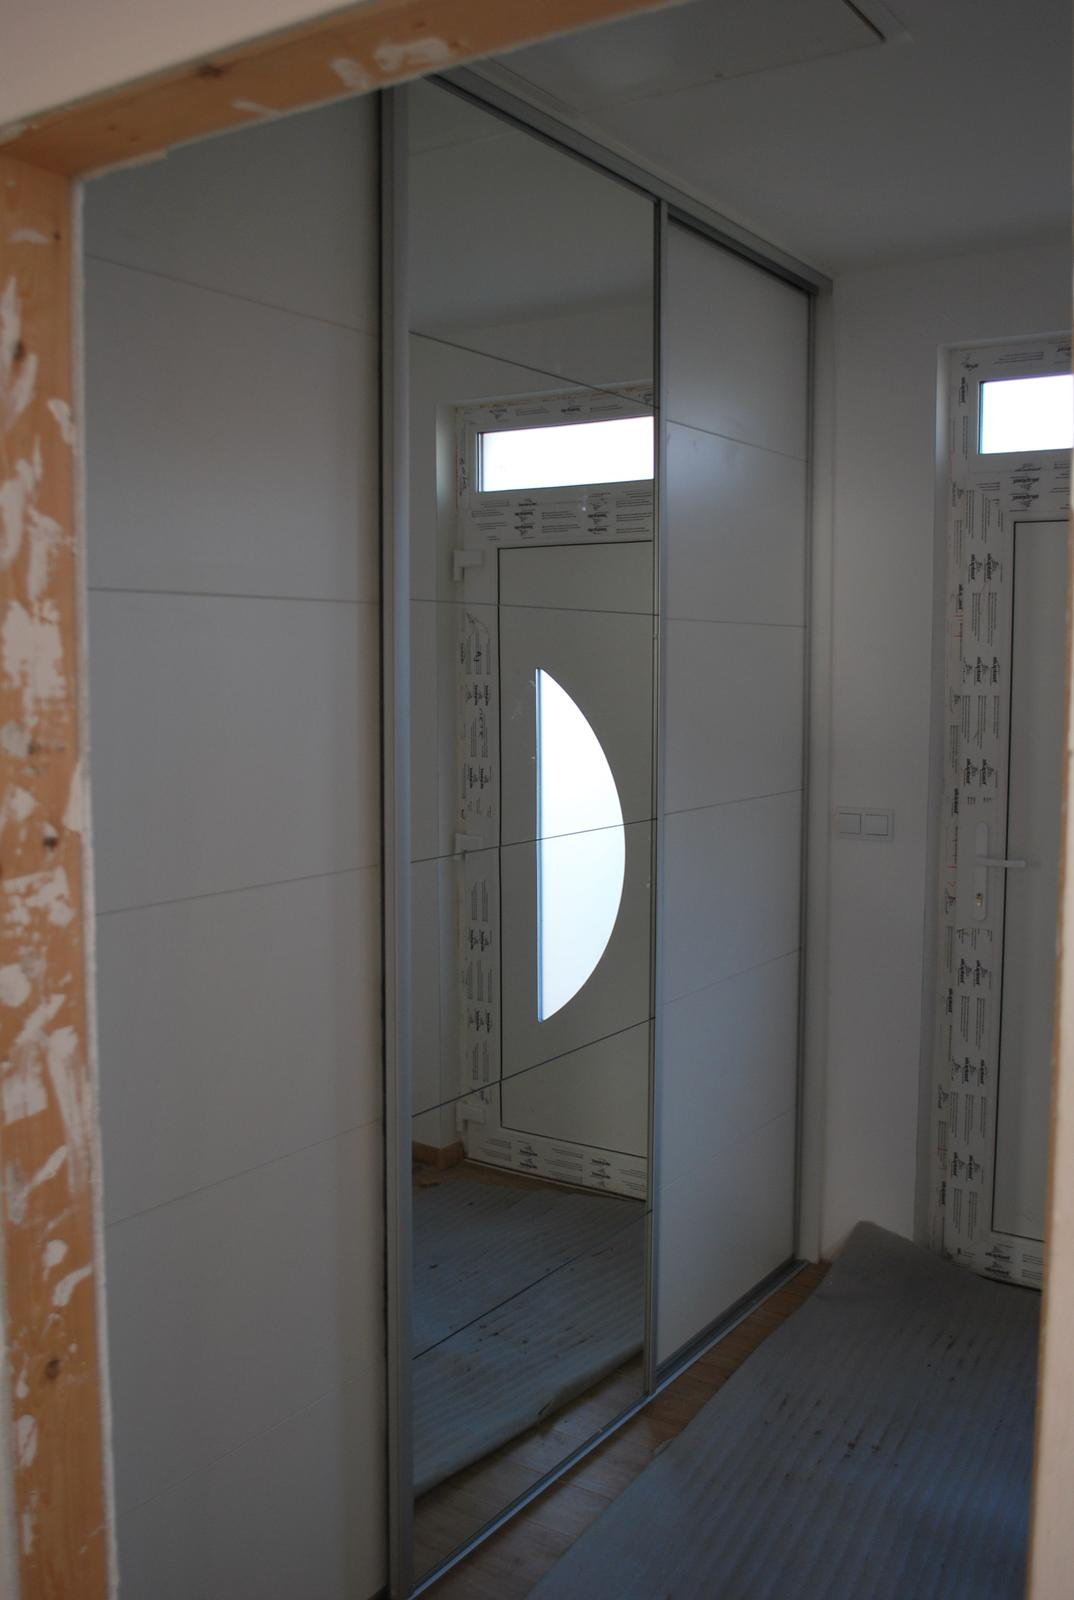 Ďalšie vstavané skrine - Vstavaná skriňa biela perlička - predsieň